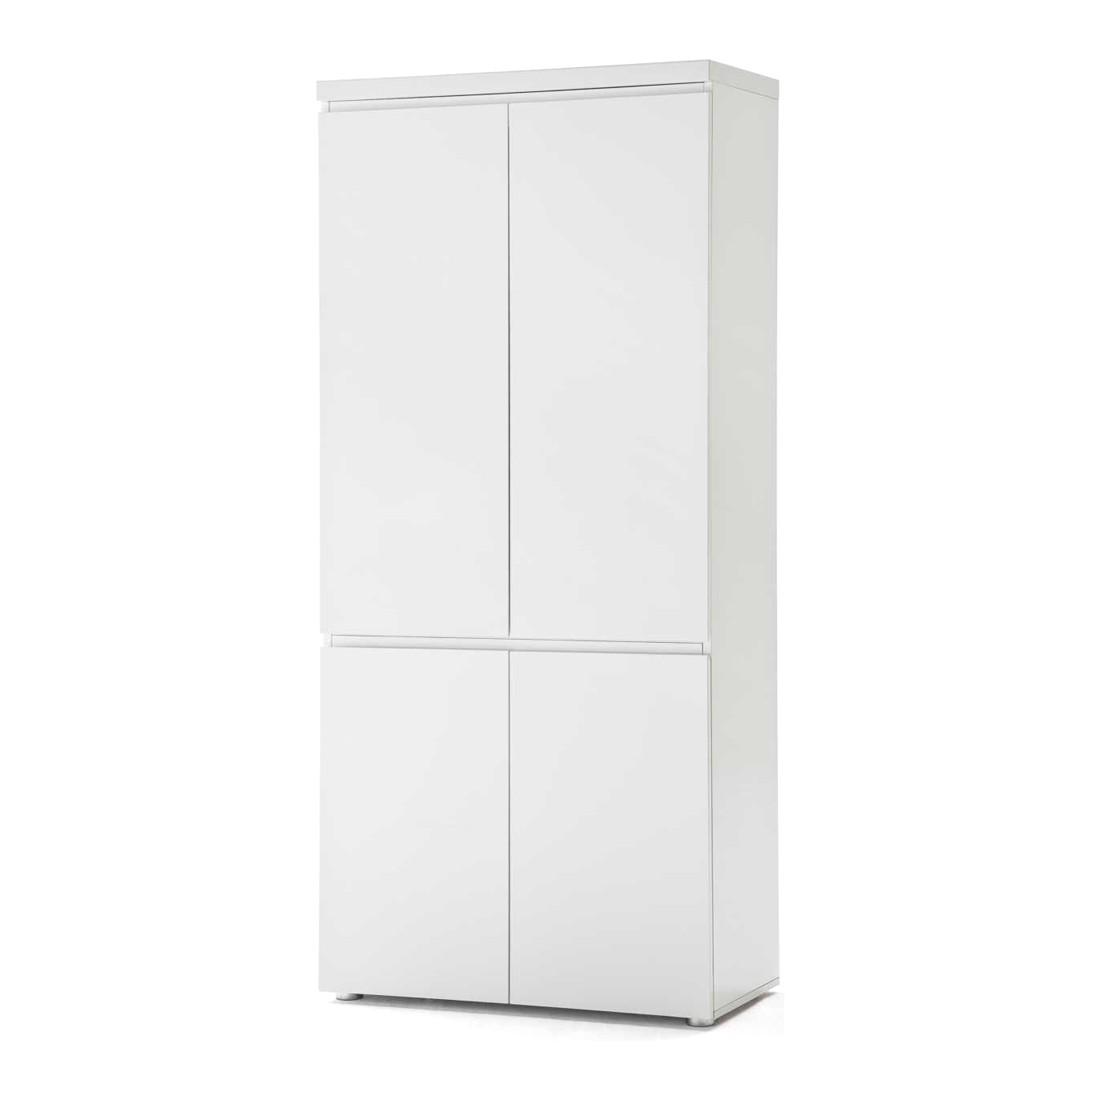 Aktenschrank Paddington - mit vier Türen - 5 Ordnerhöhen - Hochglanz Weiß lackiert